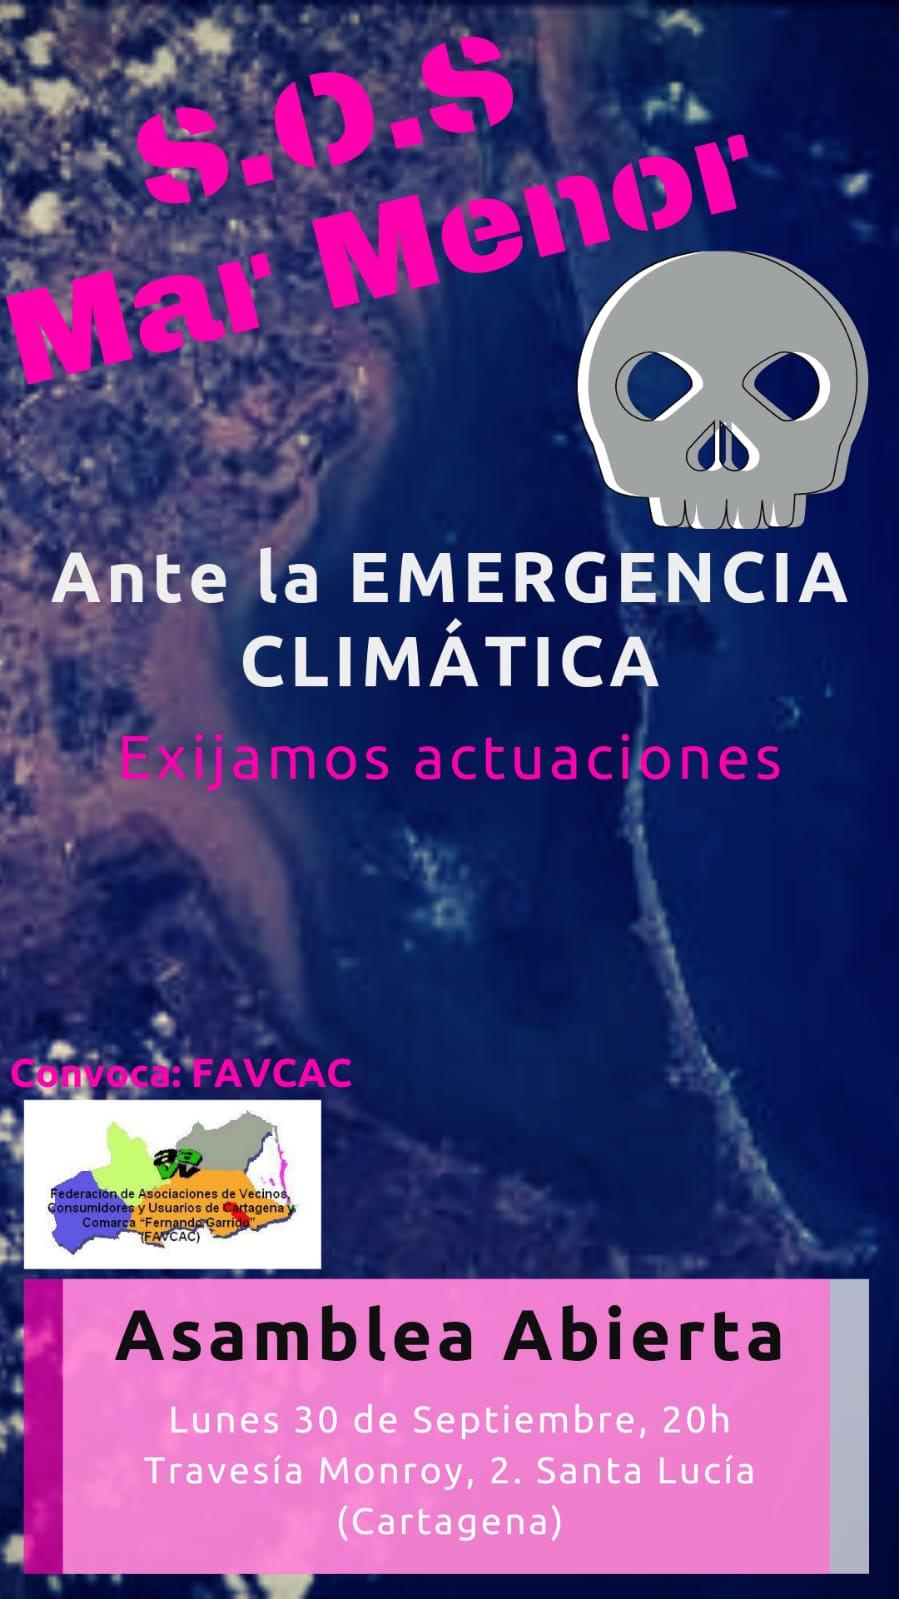 Asamblea abierta sobre el Mar Menor, con FAVCAC